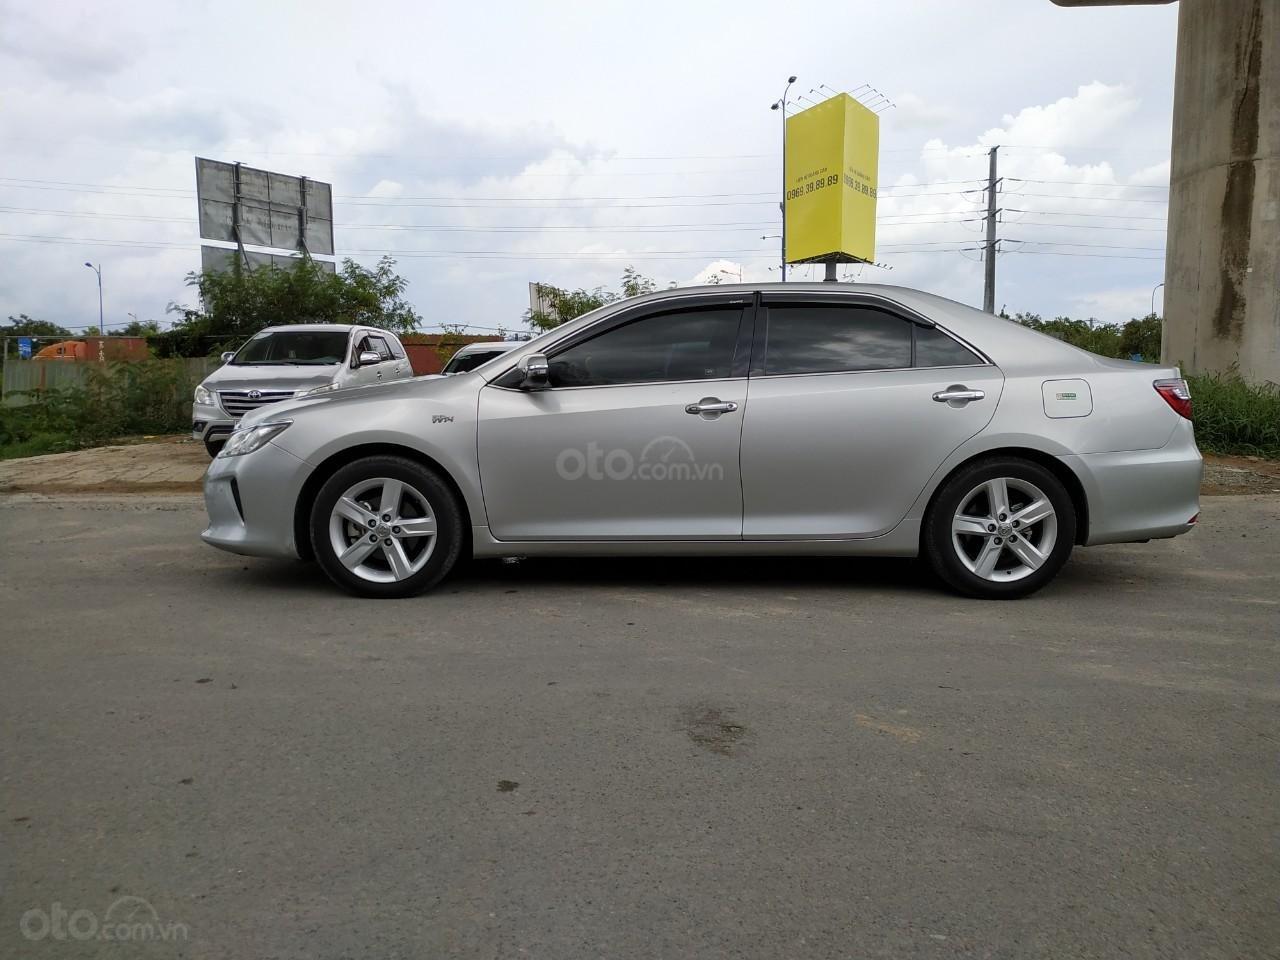 Camry 2.5Q 2017 màu bạc, xe đẹp, biển số Sài Gòn, có trả góp, giá còn fix (4)